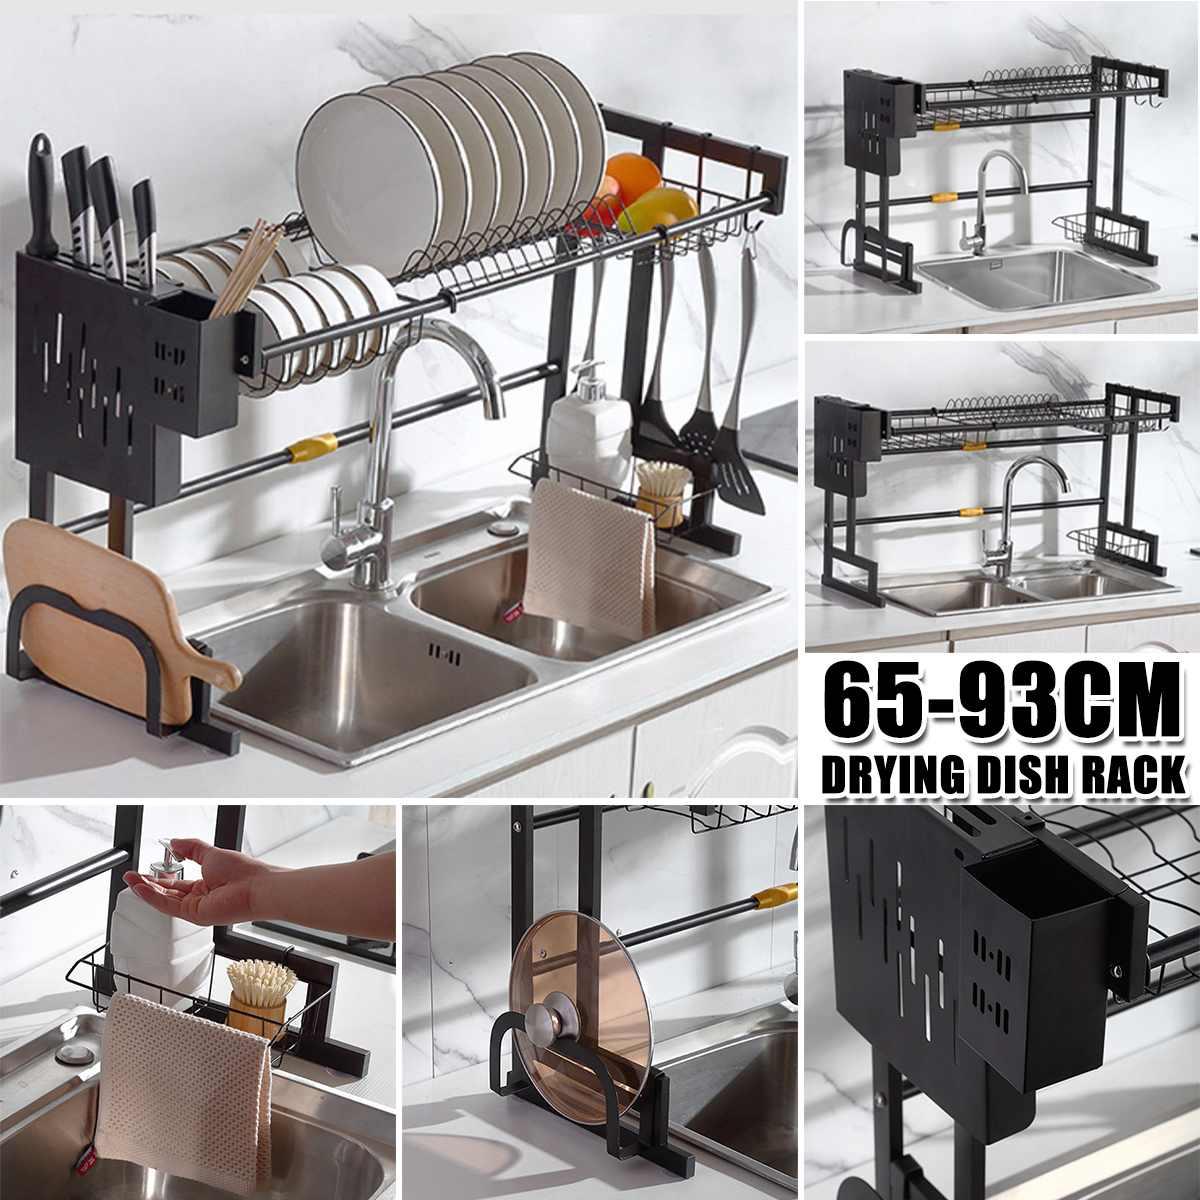 2 نوع الفولاذ المقاوم للصدأ المطبخ الرف المنظم أطباق تجفيف رف على بالوعة استنزاف رف المطبخ تخزين كونترتوب أواني حامل